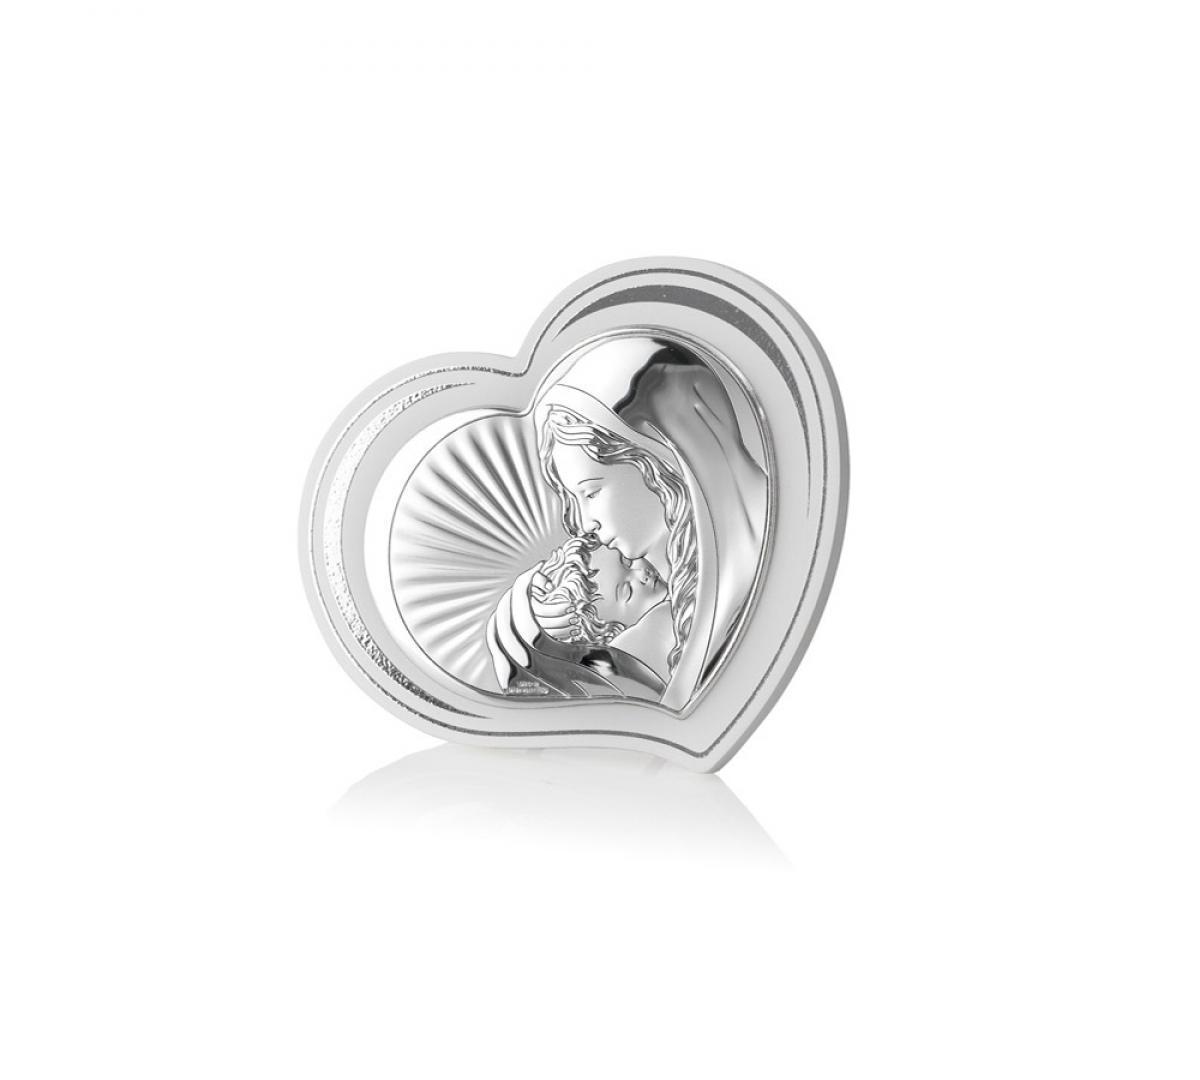 Ікона срібна Богородиця з дитям 11х8см 81297.2L